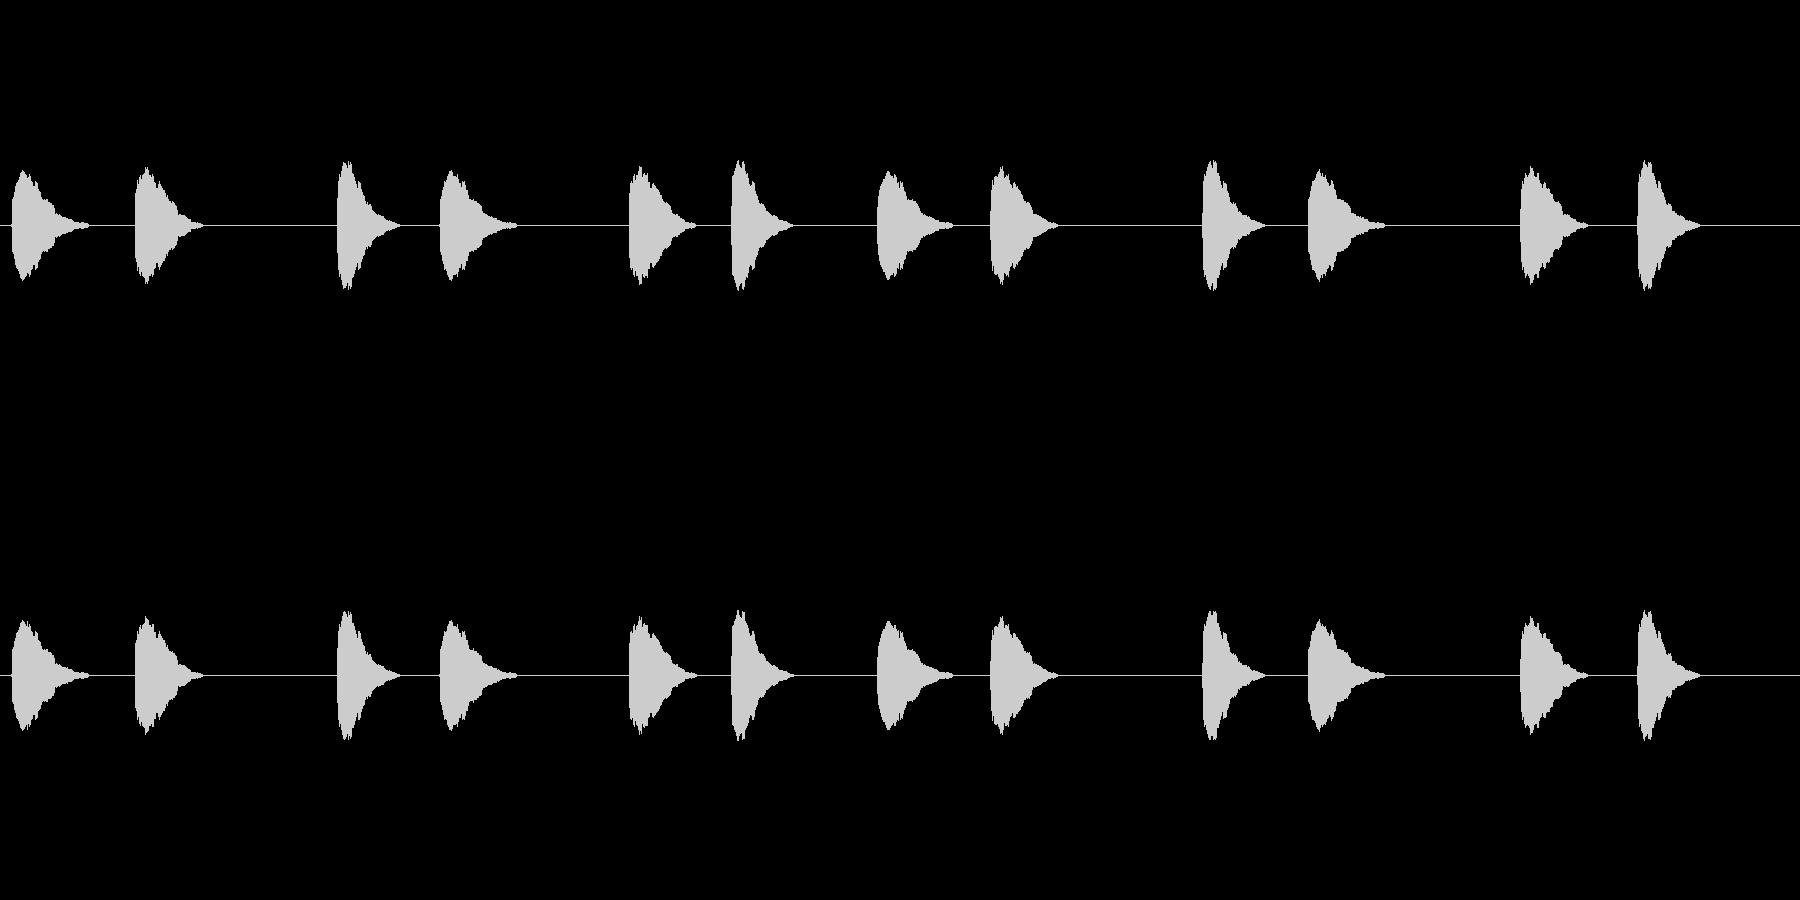 【カラス 合成01-3】の未再生の波形